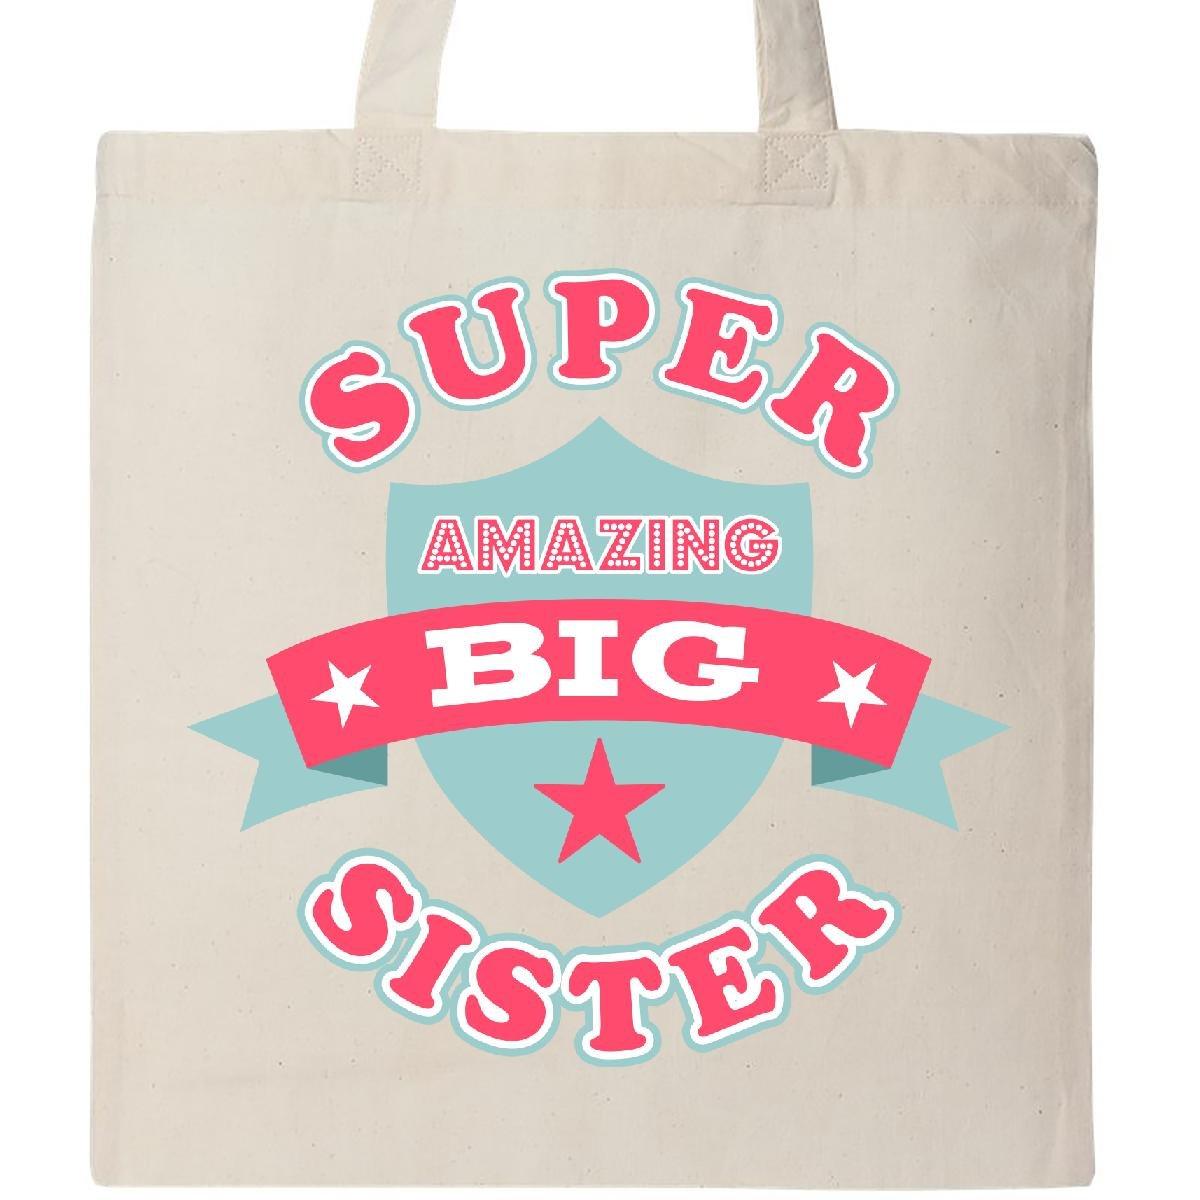 春夏新作モデル InktasticスーパーAmazing Big Sisterトートバッグ Big One Size Size ナチュラル B0718VKRZS ナチュラル, アマルメマチ:4d2705ae --- 4x4.lt